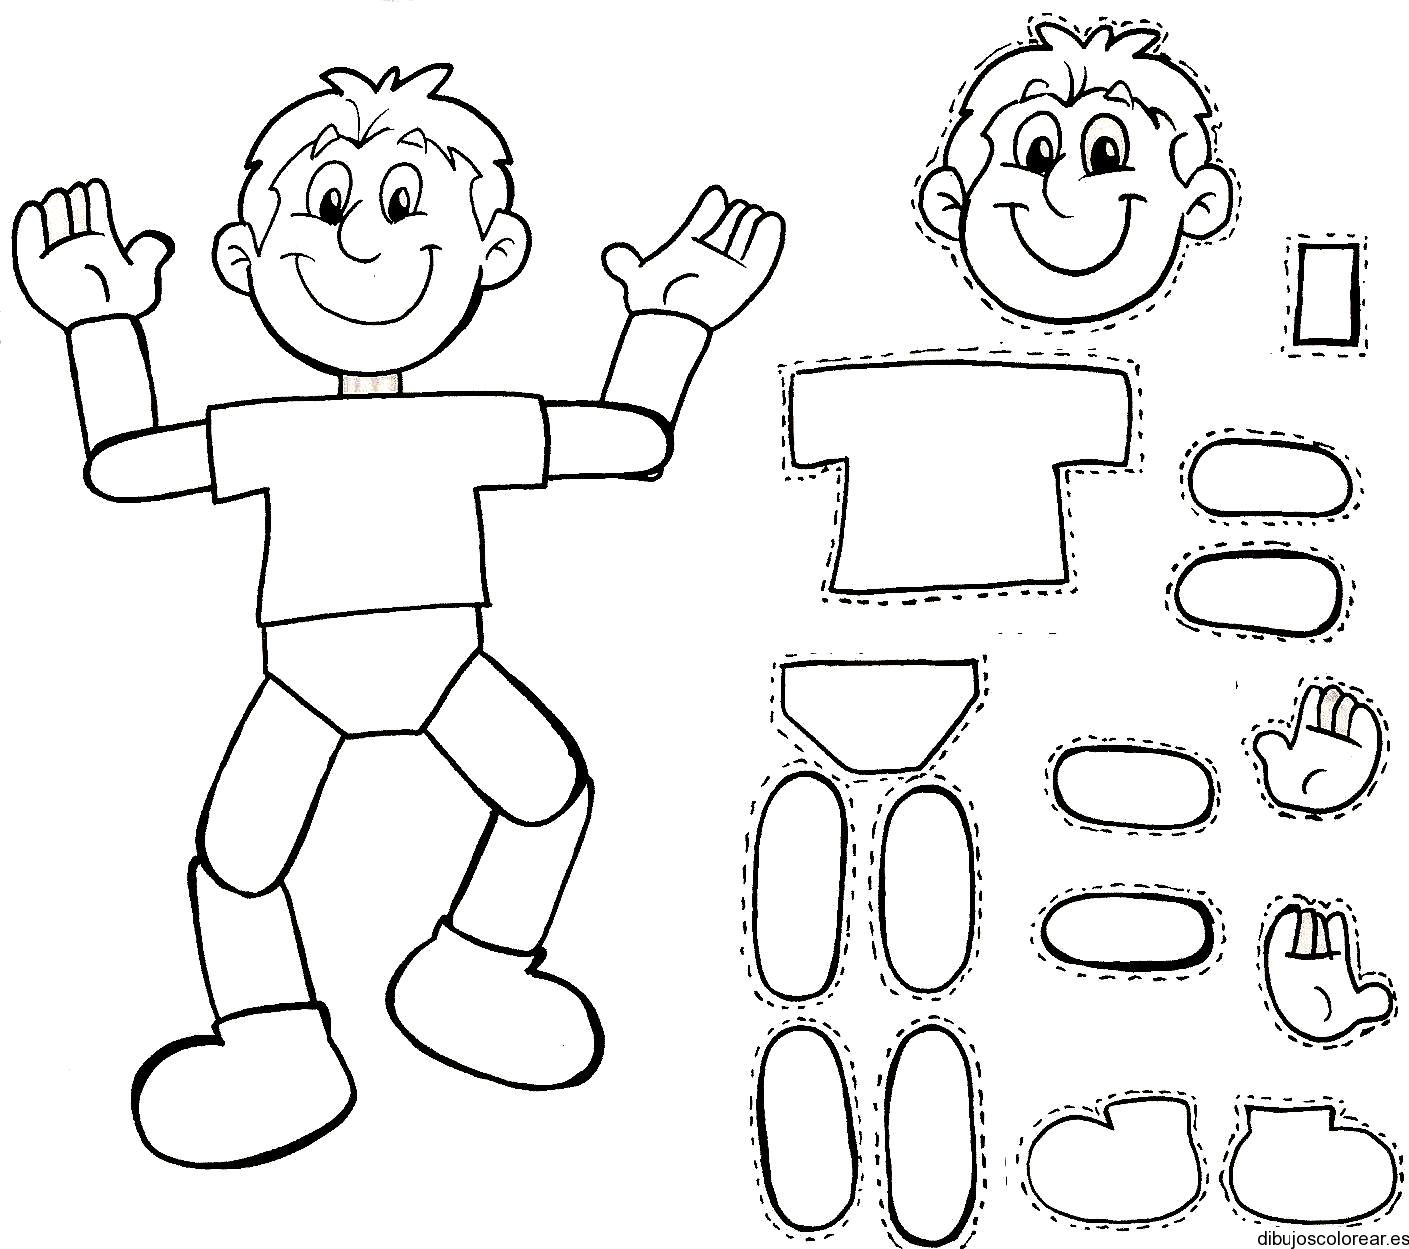 Dibujos para Colorear   abecedario   Pinterest   Cuerpo humano niños ...